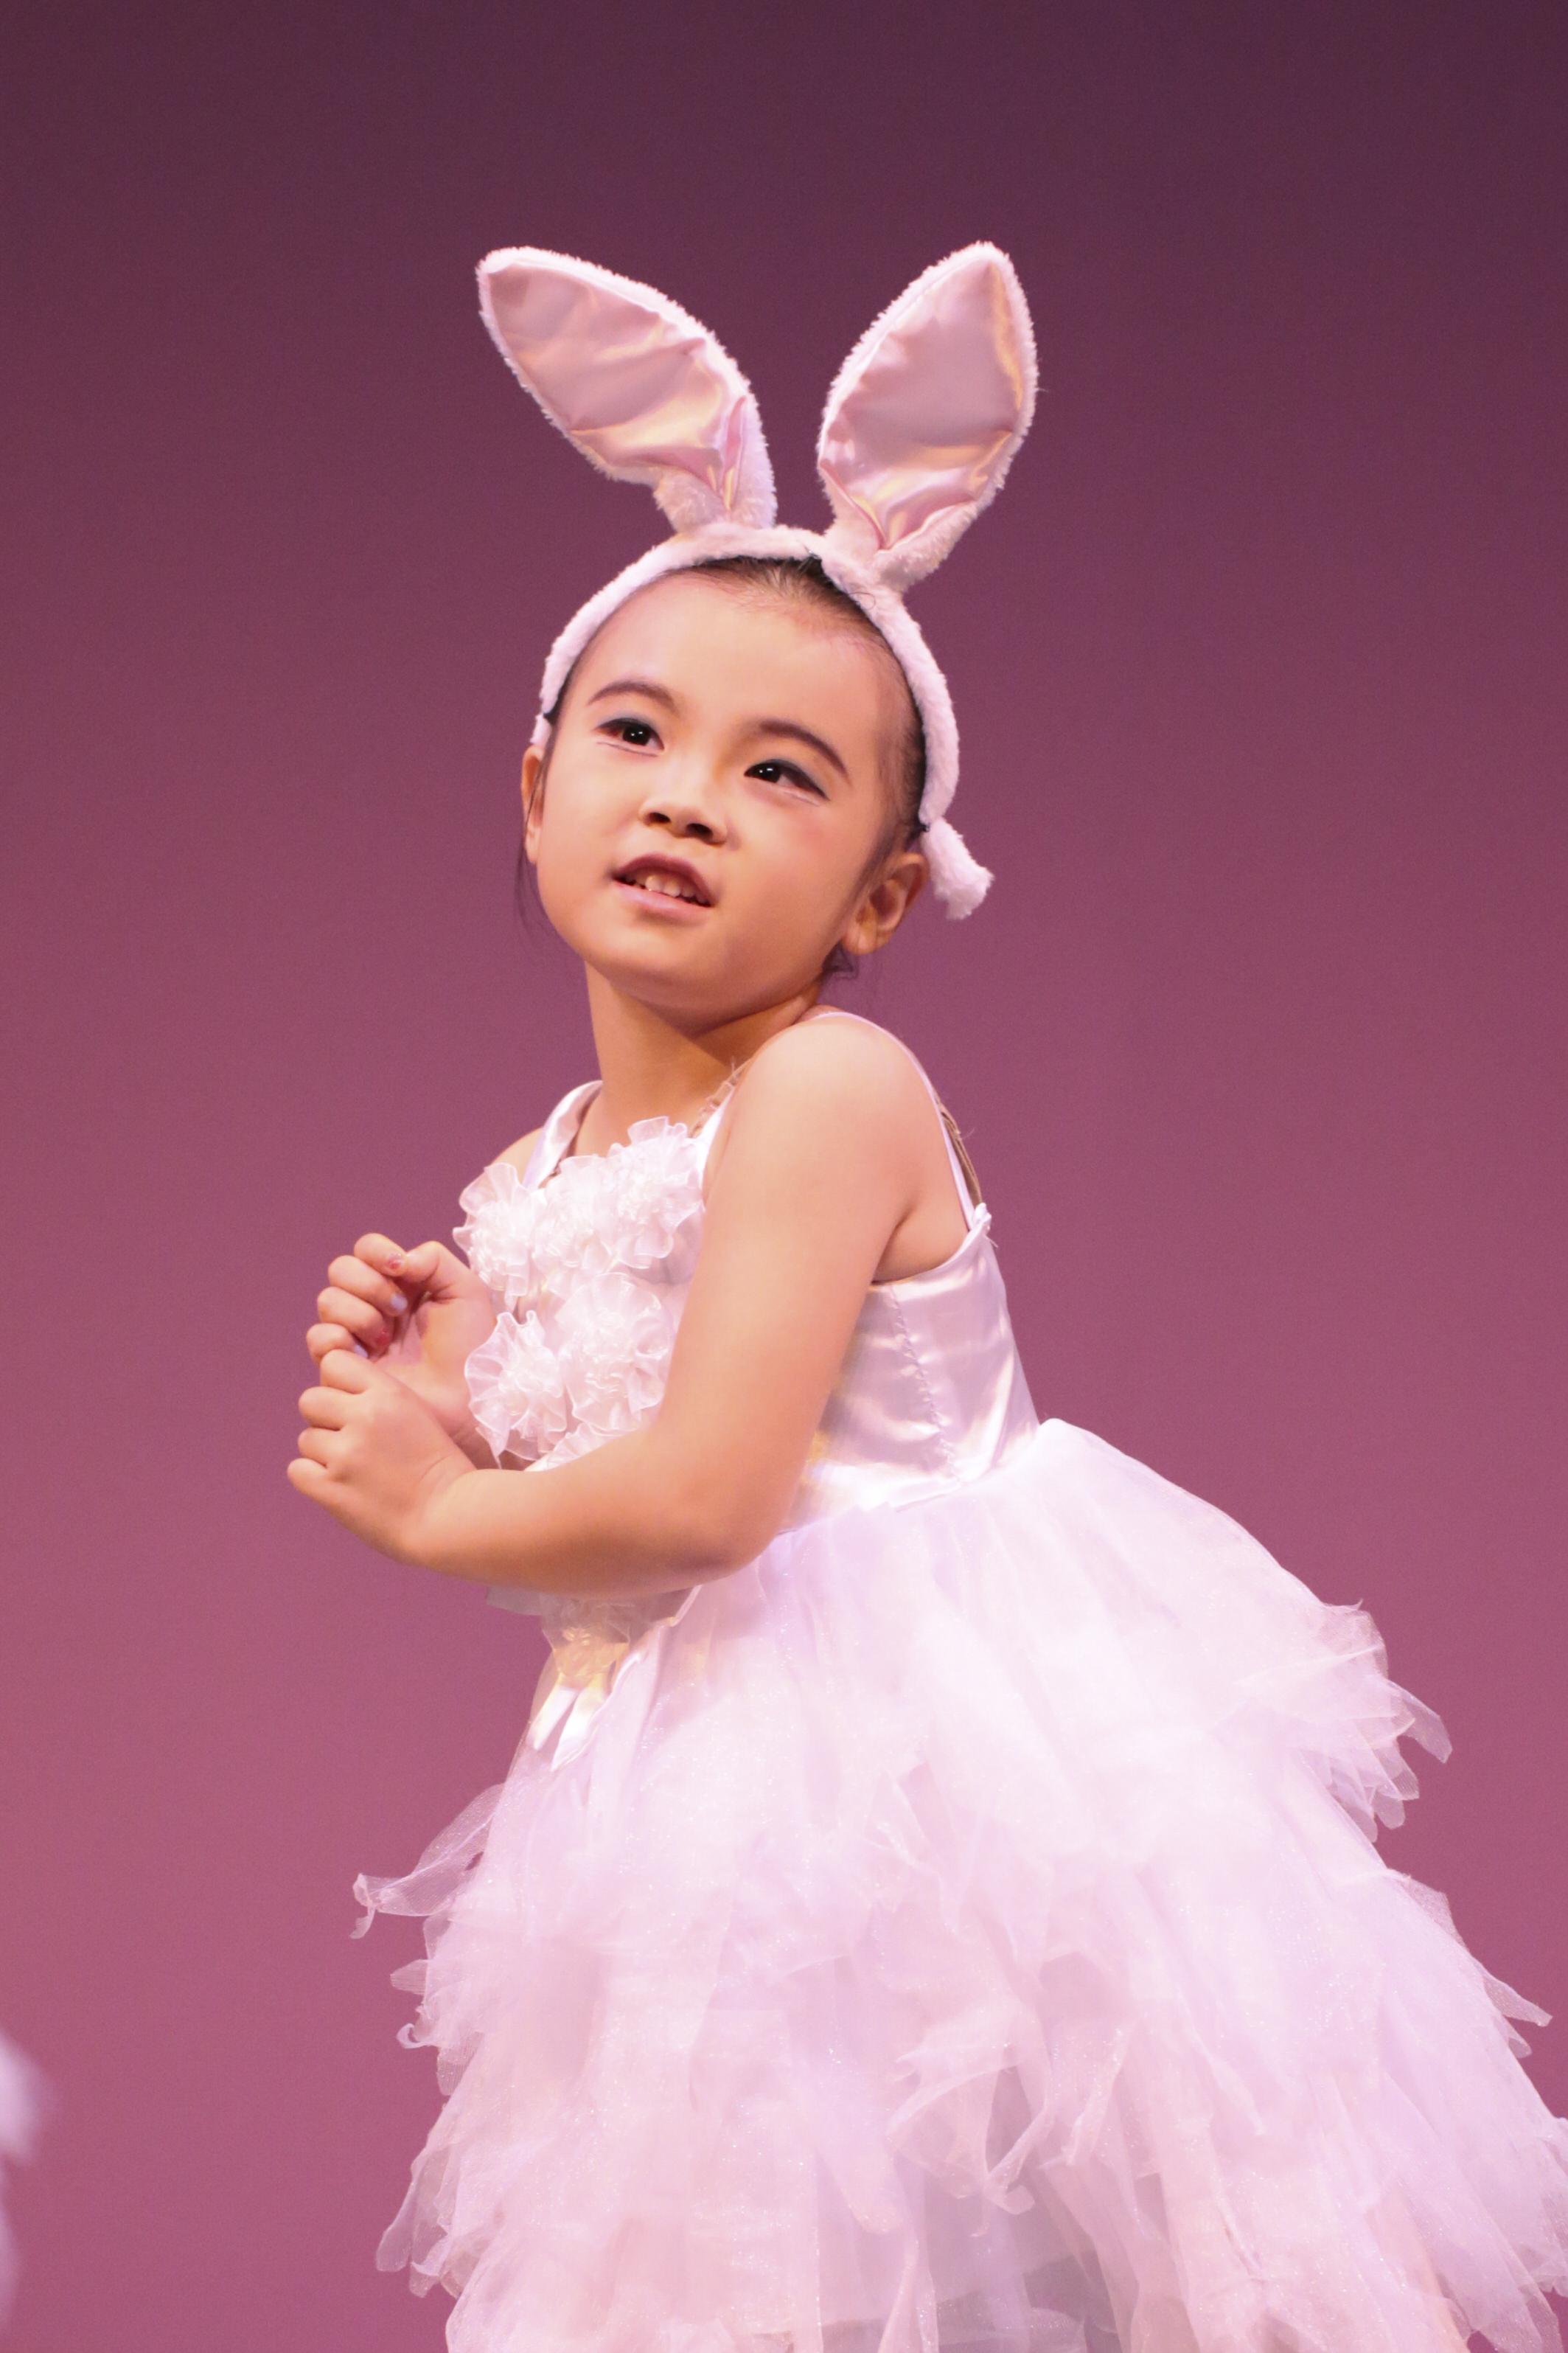 土曜日モダンバレエ幼稚園クラス(さとううさぎのダンス)